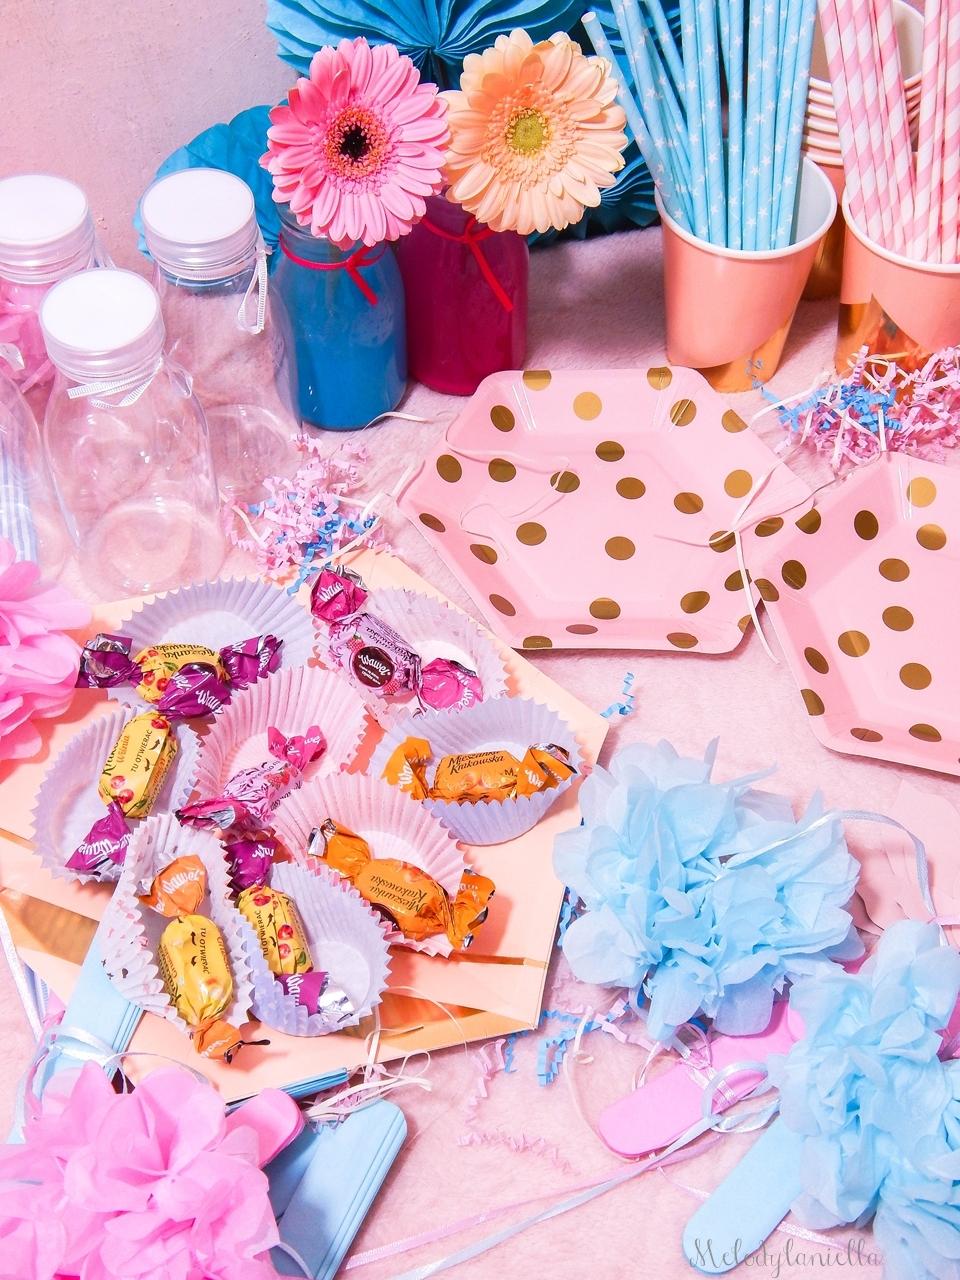 dekoracje urodzinowe dla dzieci dla chłopca dla dziewczynki pomysły na roczek jak urządzić przyjęcie urodzinowe partybox imprezy roczek babyshower